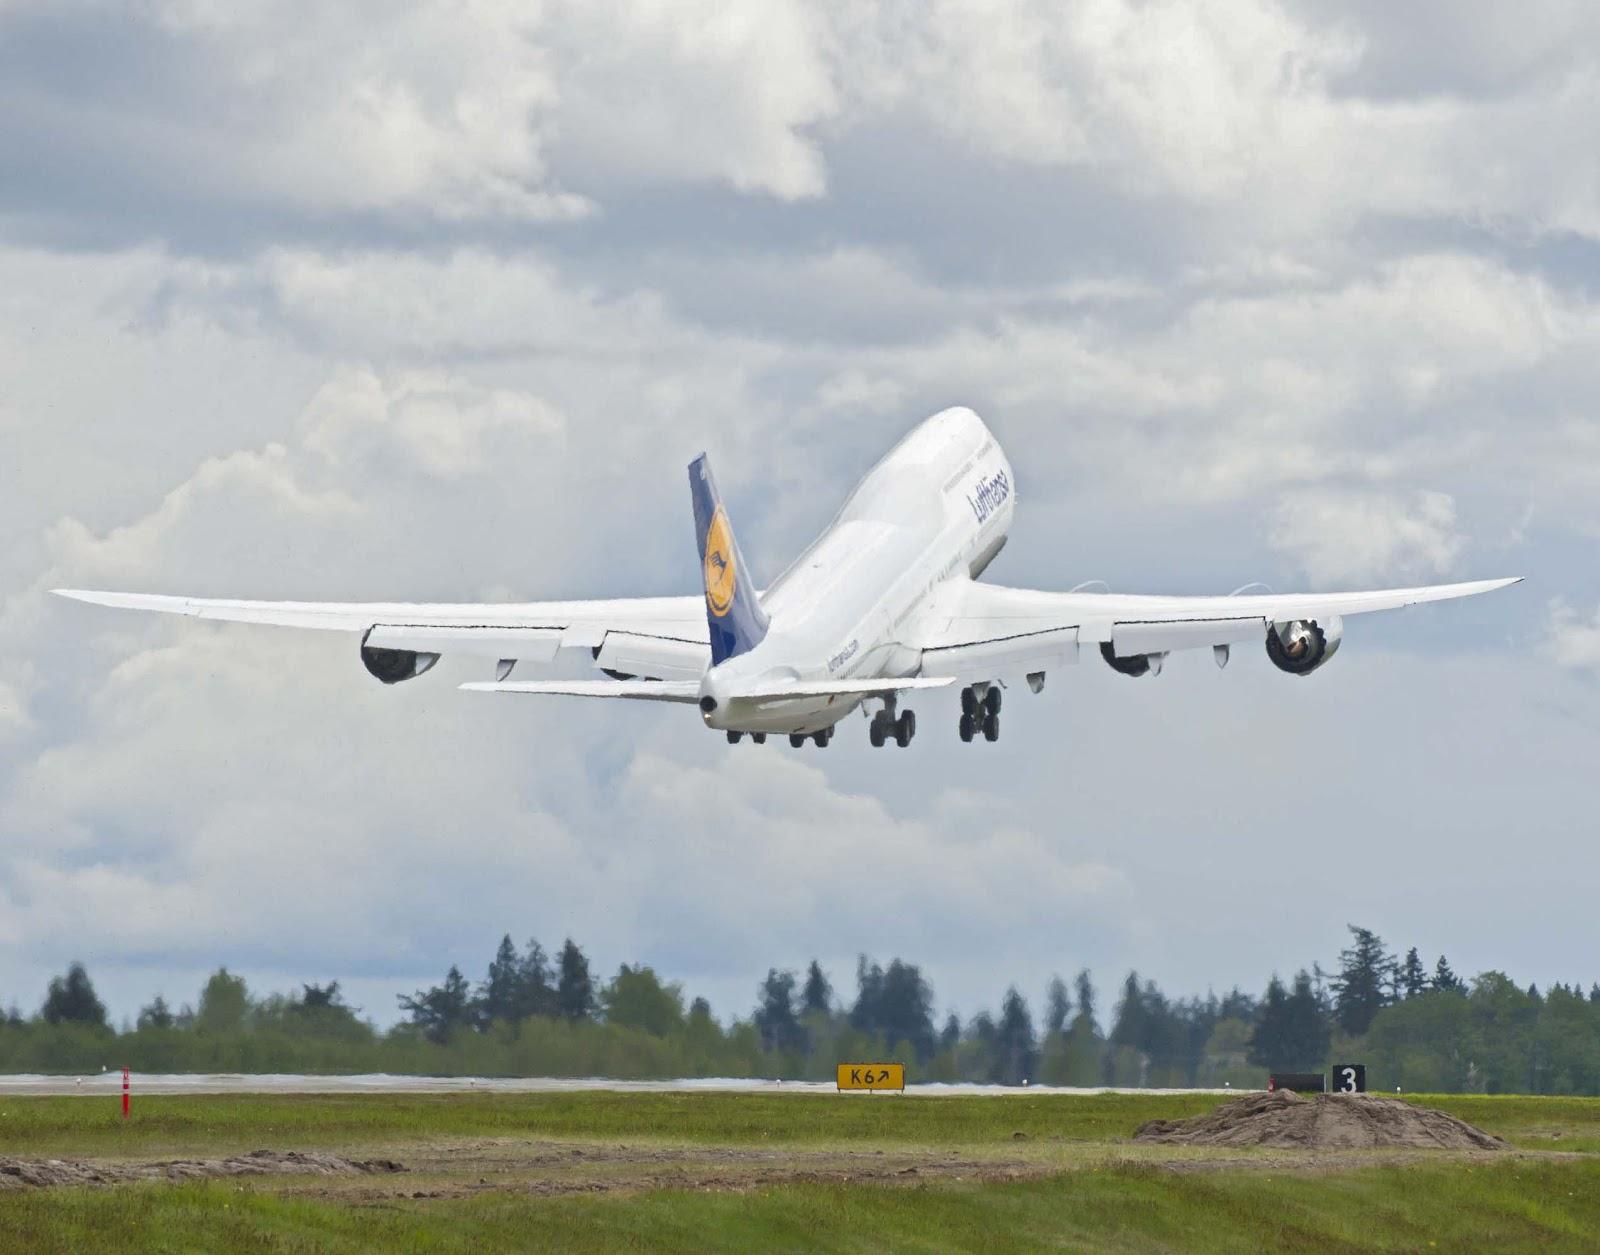 http://3.bp.blogspot.com/-7_tskdATVuQ/UFlB9z9HKhI/AAAAAAAALuc/9e-qYYqoiaI/s1600/lufthansa_boeing_747-8_takeoff.jpg